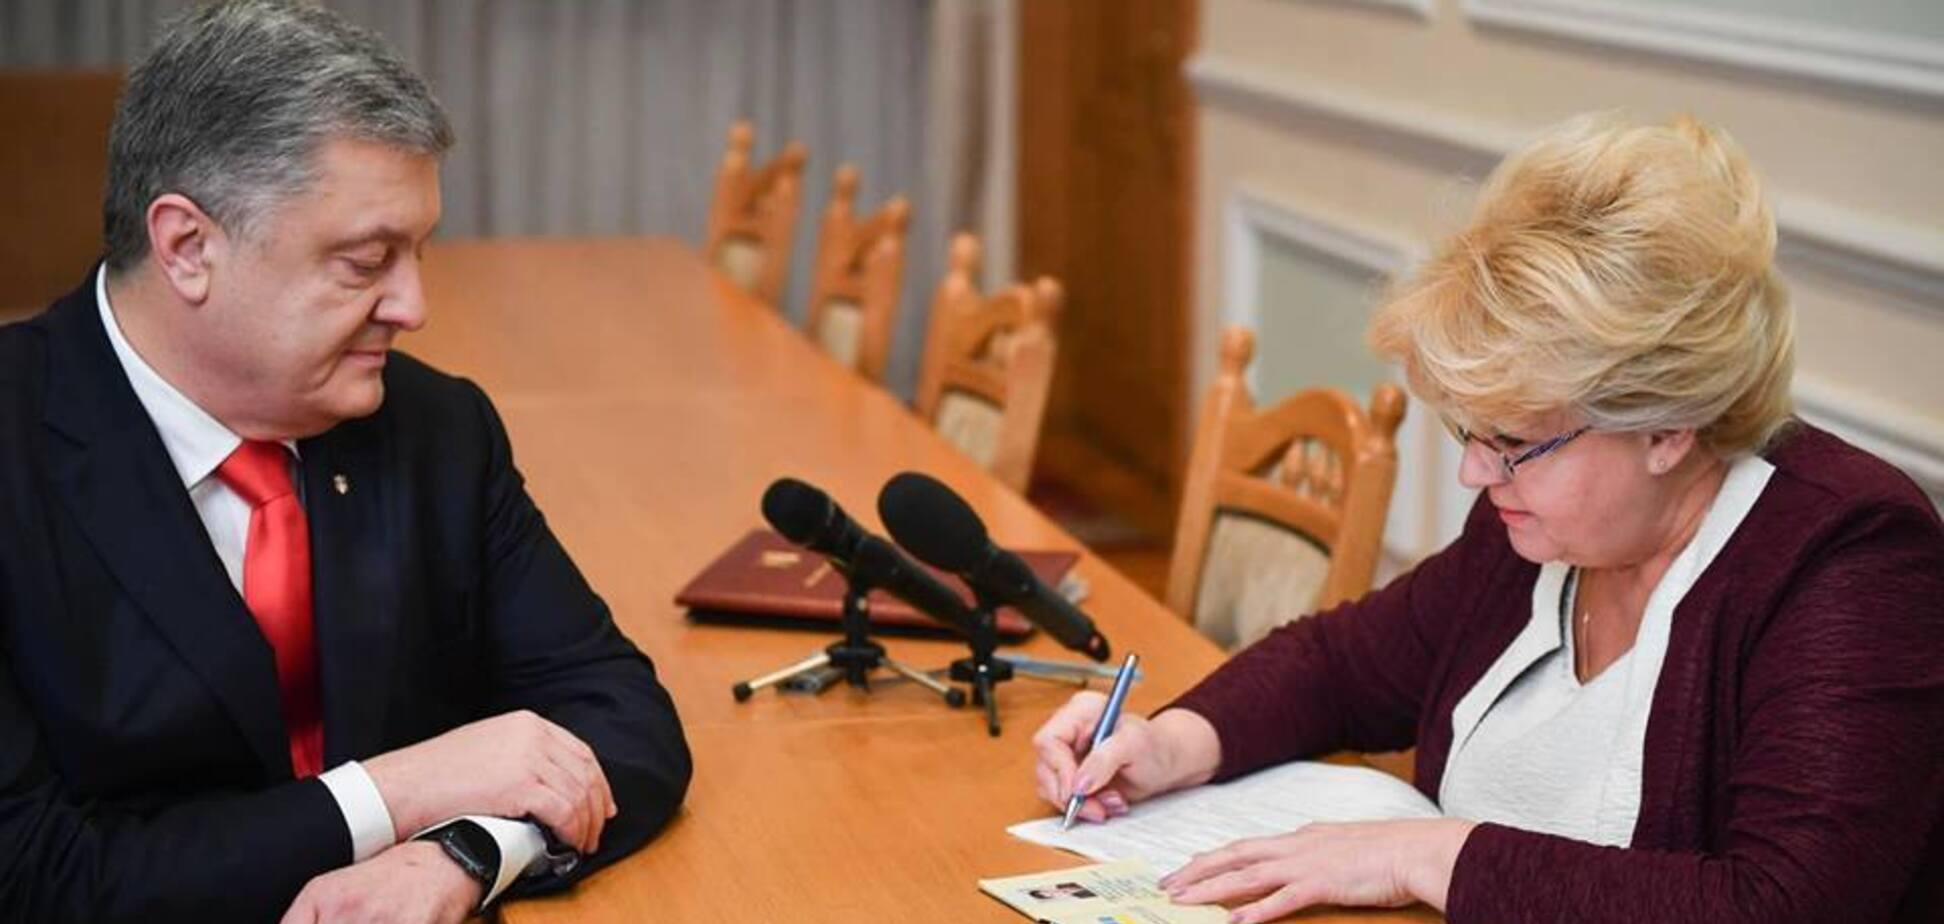 Вибори президента України: Порошенко подав документи в ЦВК